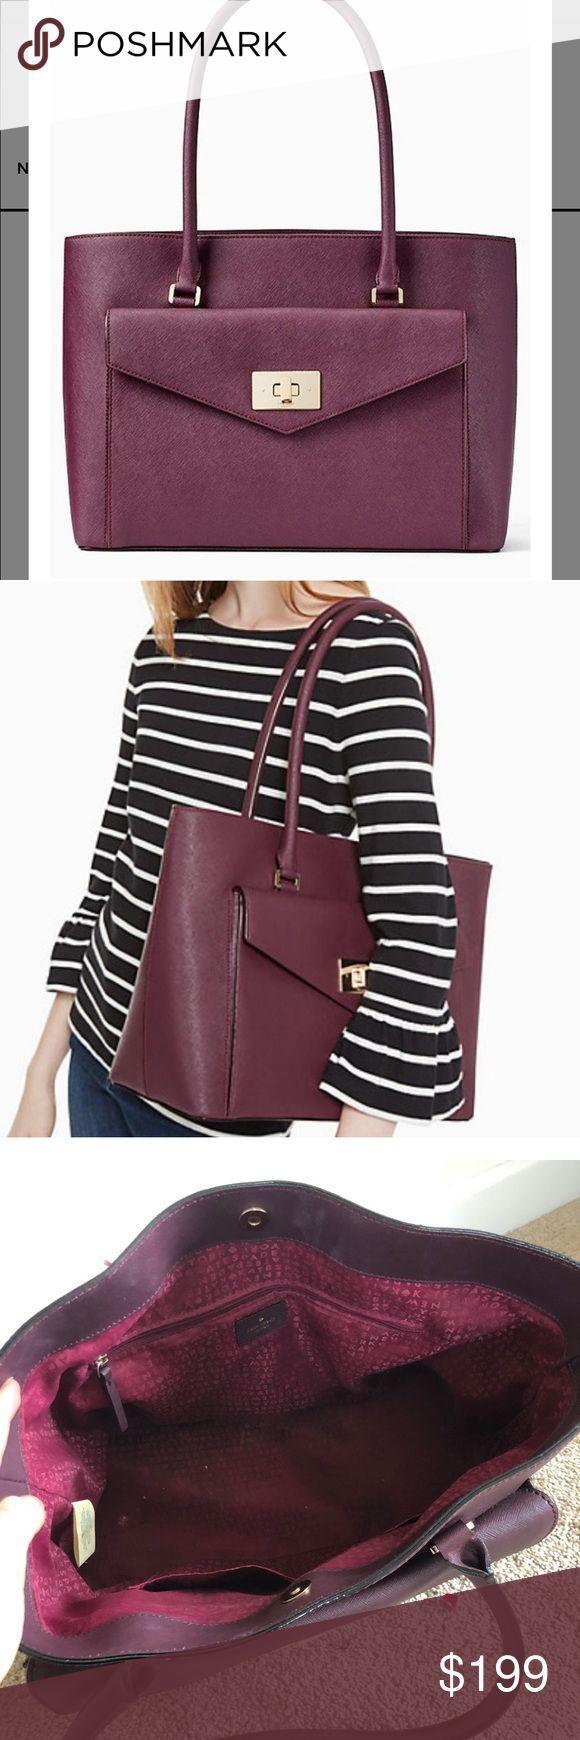 BAG condition Good Hal Halsey Kate Post purse